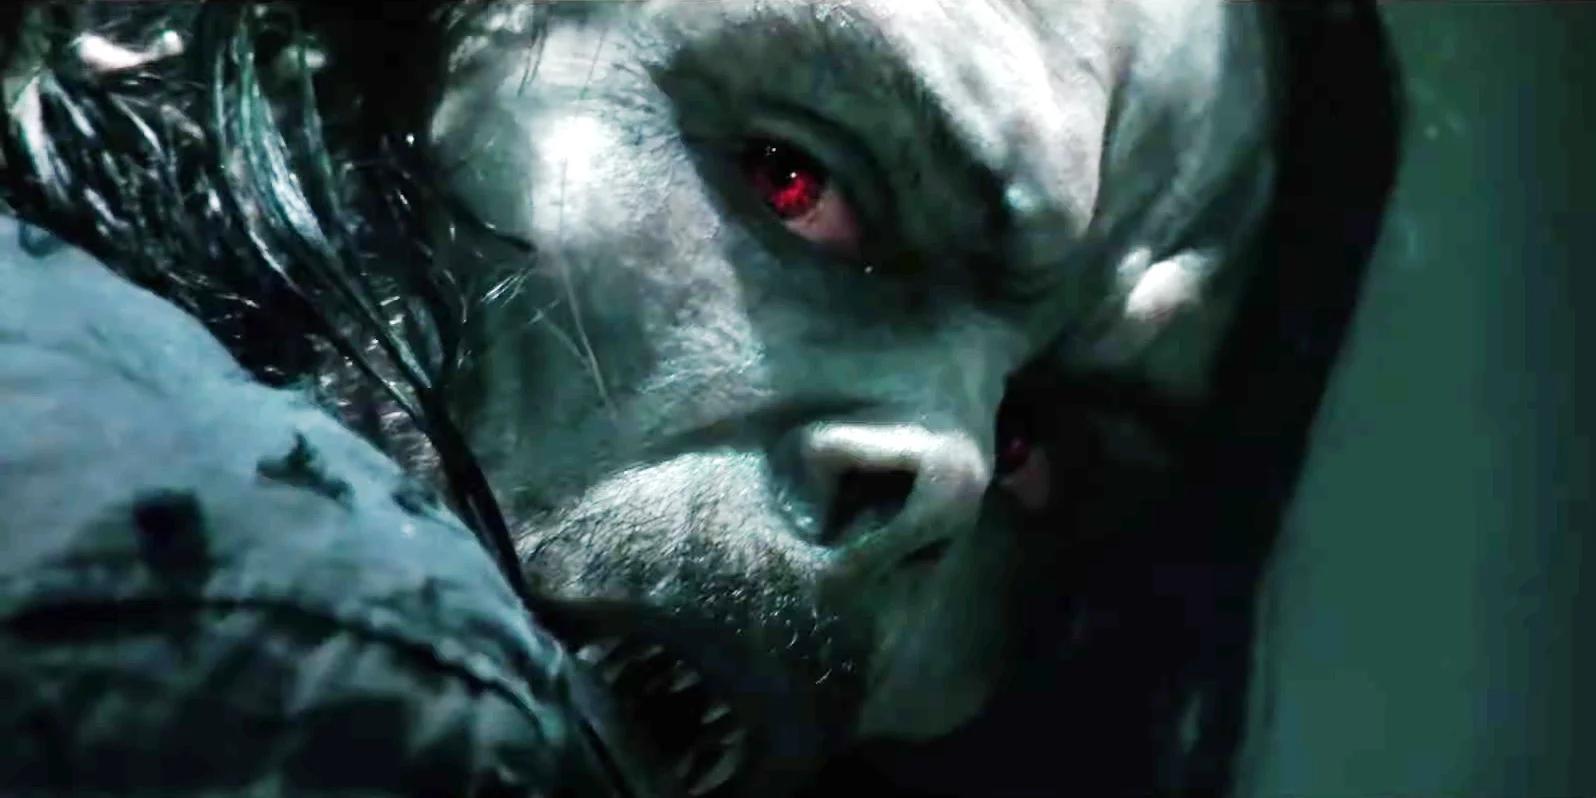 Morbius libera teaser tráiler con Jared Leto y una sorpresa